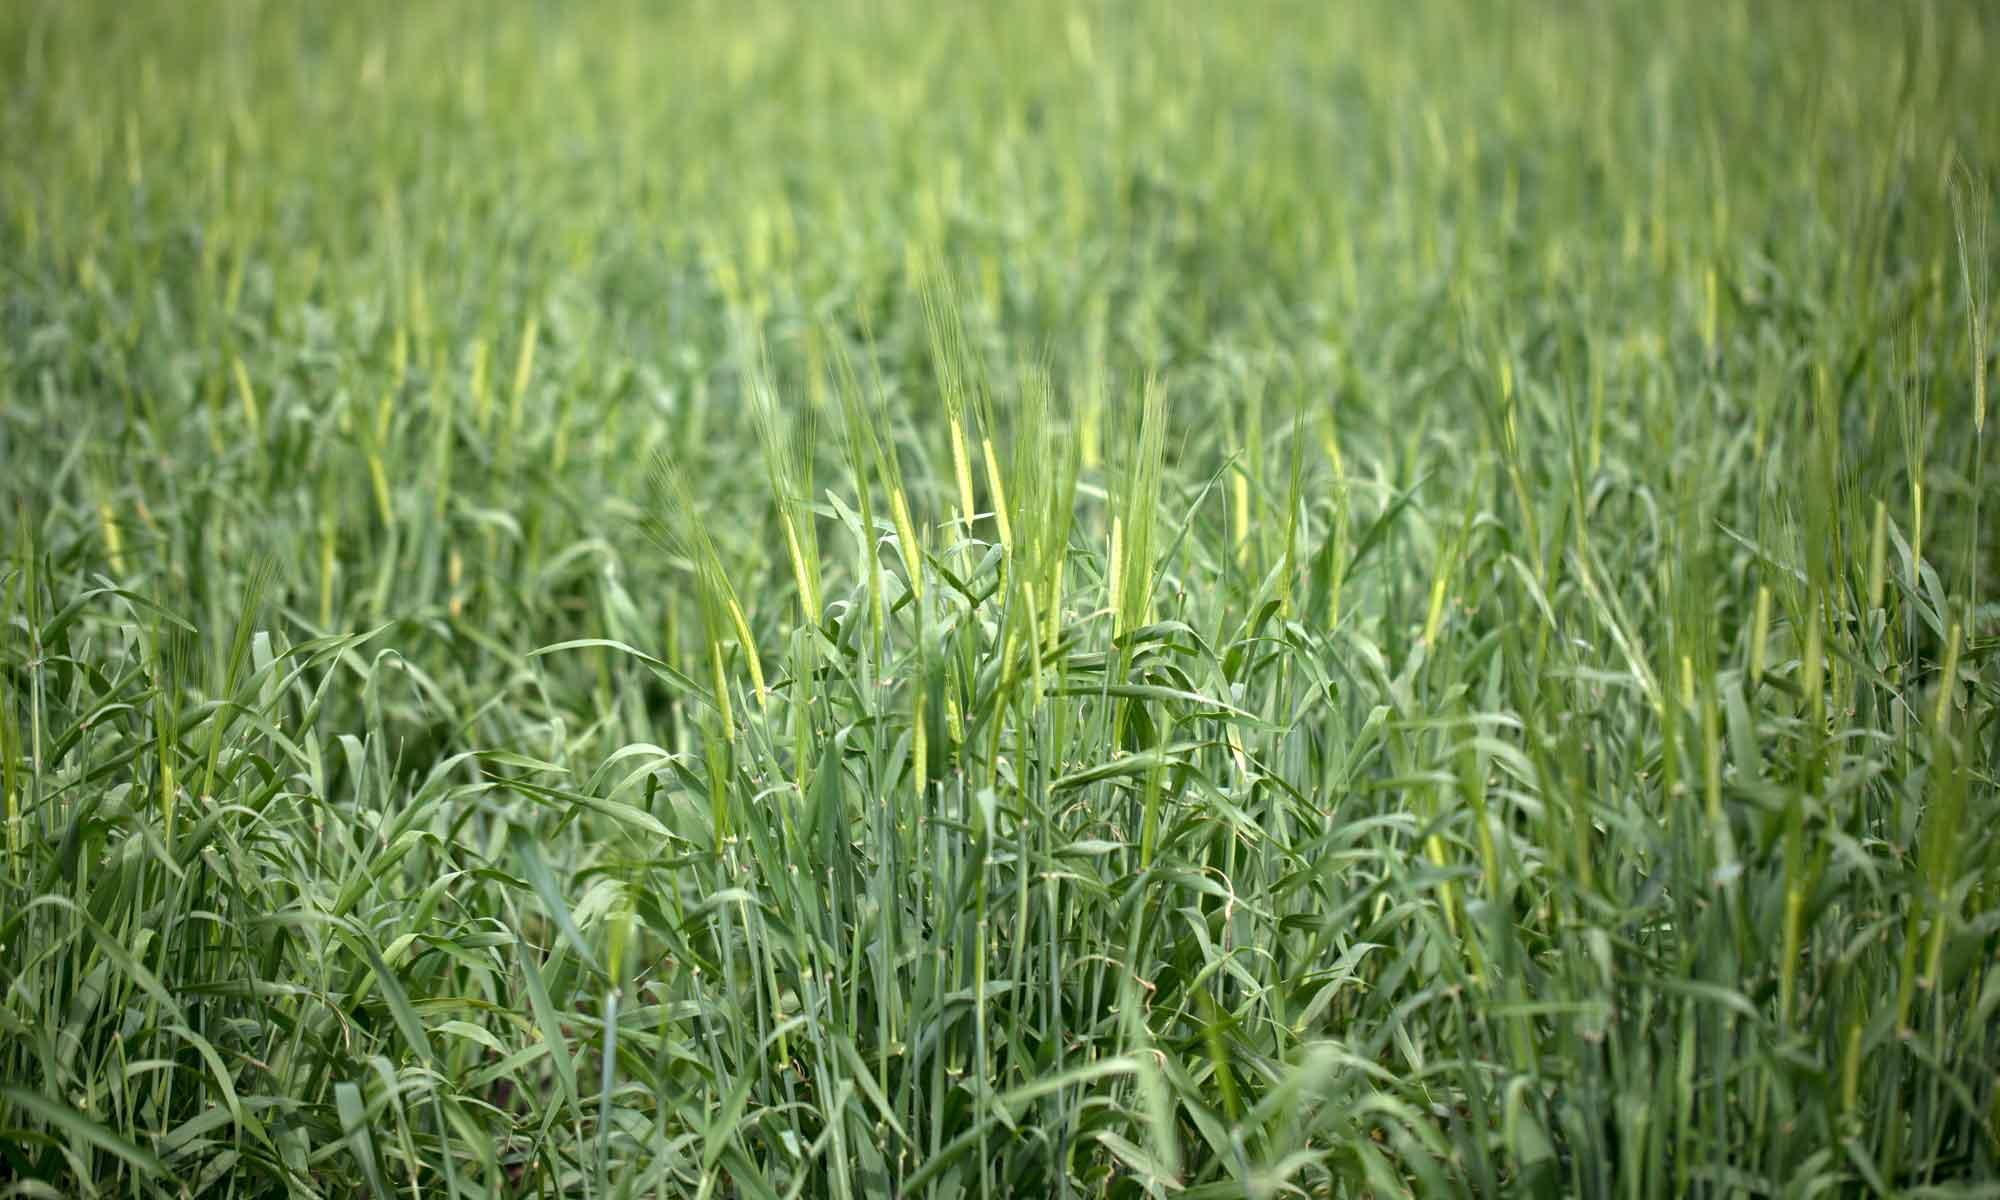 練馬区農業体験農園 イガさんの畑